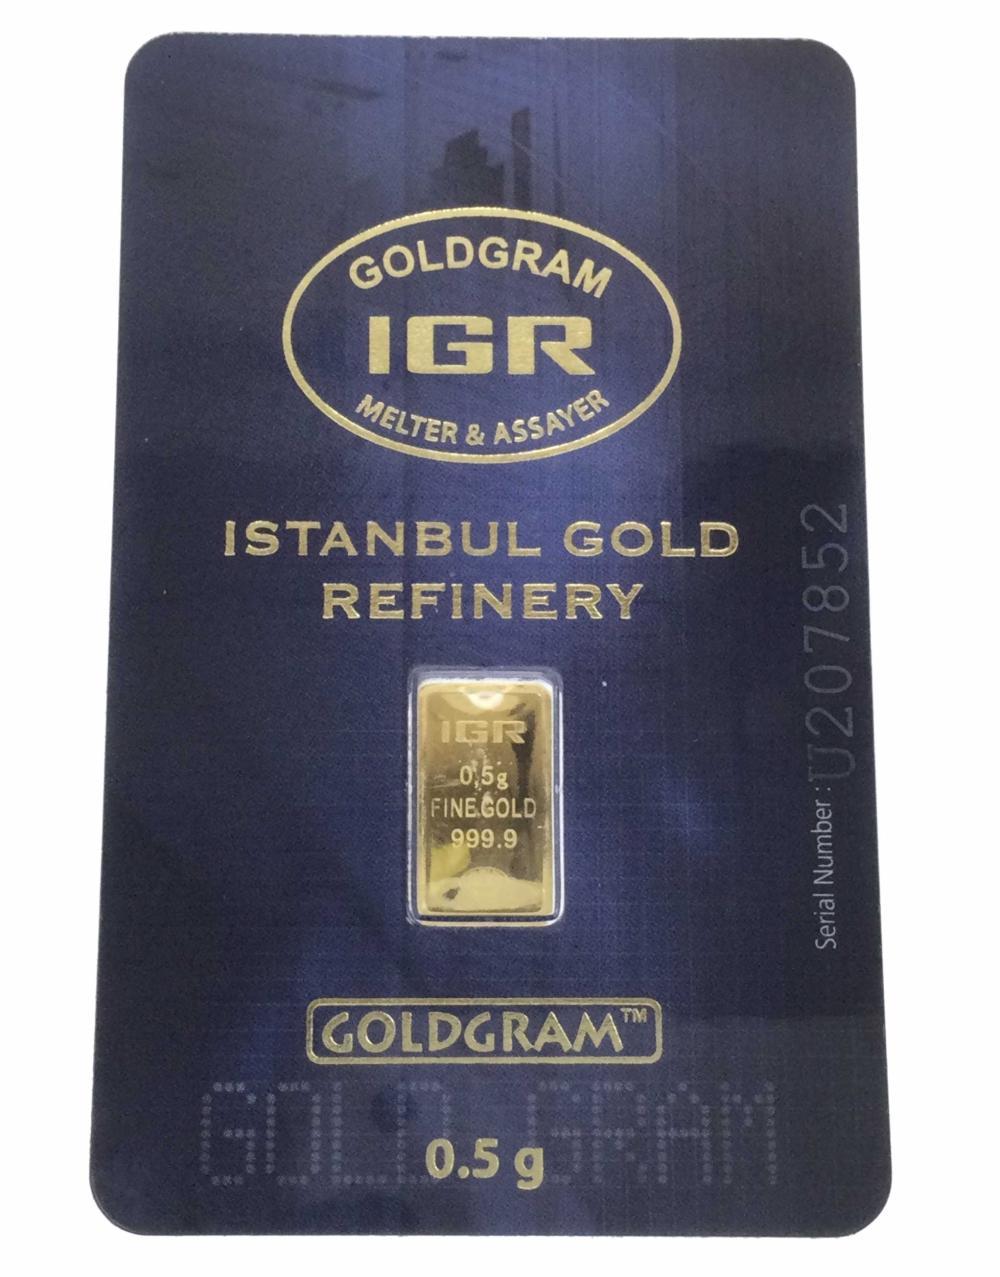 0.5g 999.9 Goldgram Istanbul Gold Refinery Ingot